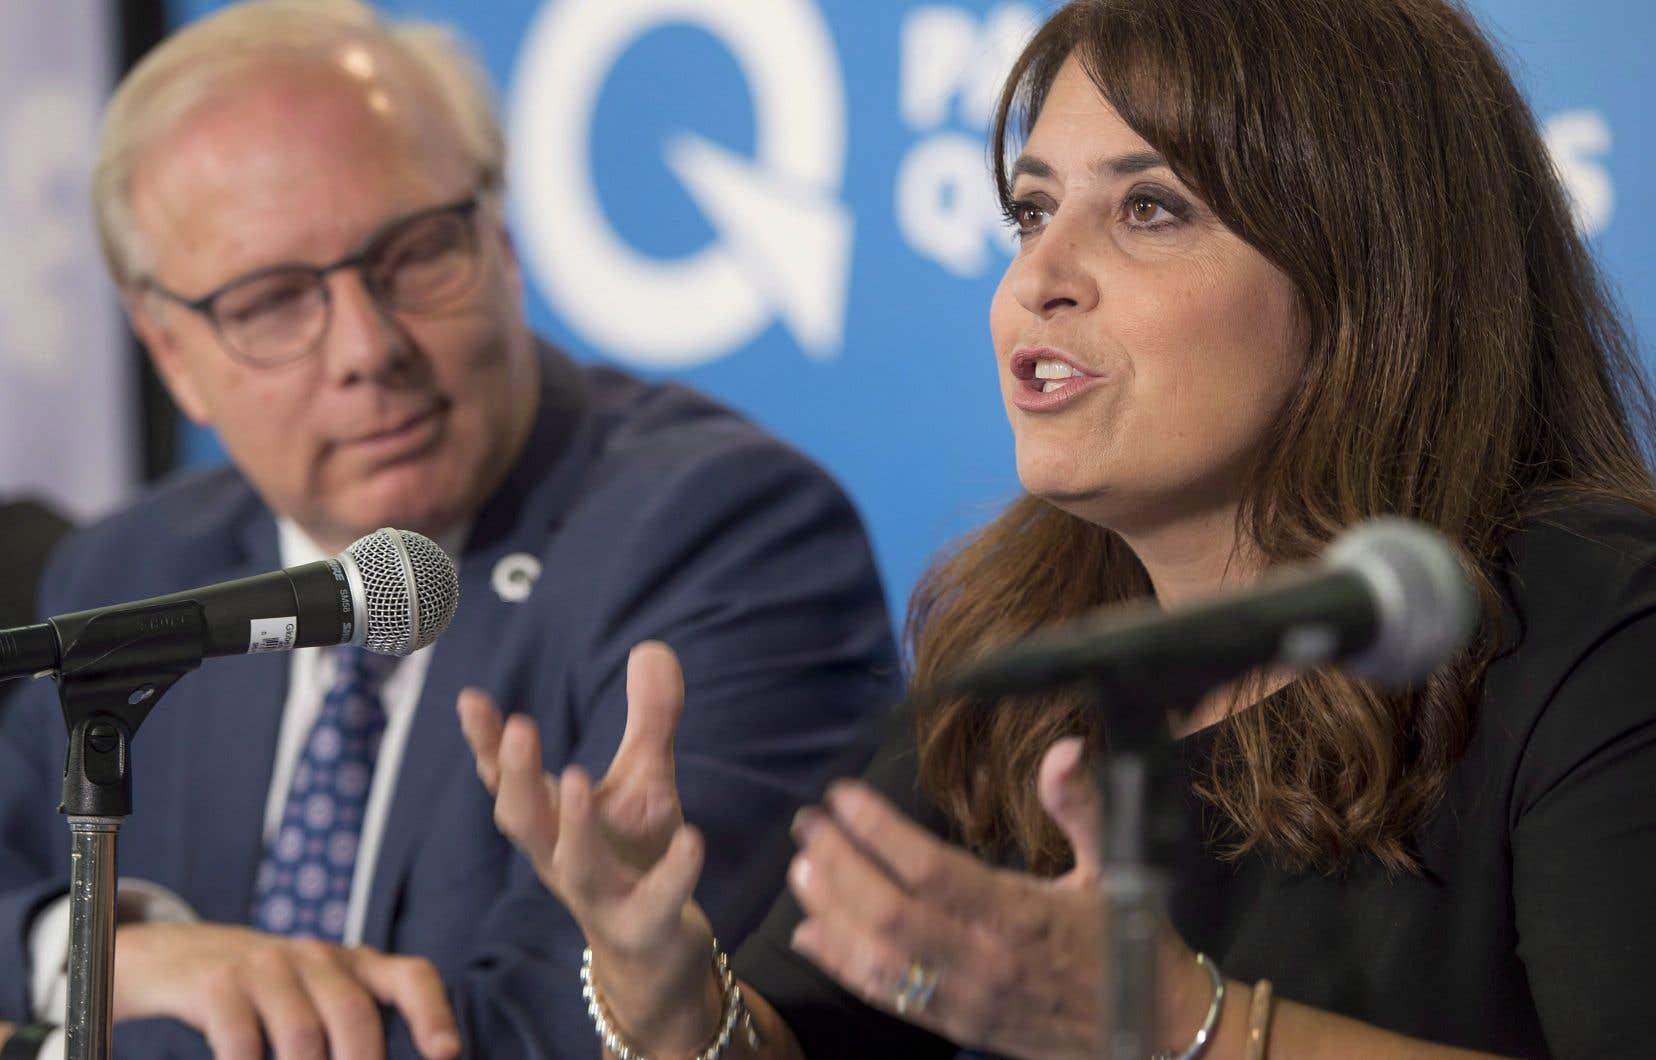 Le PQ a dévoilé une série d'engagement—dont certains connus—pour «aider les personnes [autistes ou handicapées], les familles et les organismes qui les aide», selon ce qu'indiquait la vice-chef du parti, Véronique Hivon.